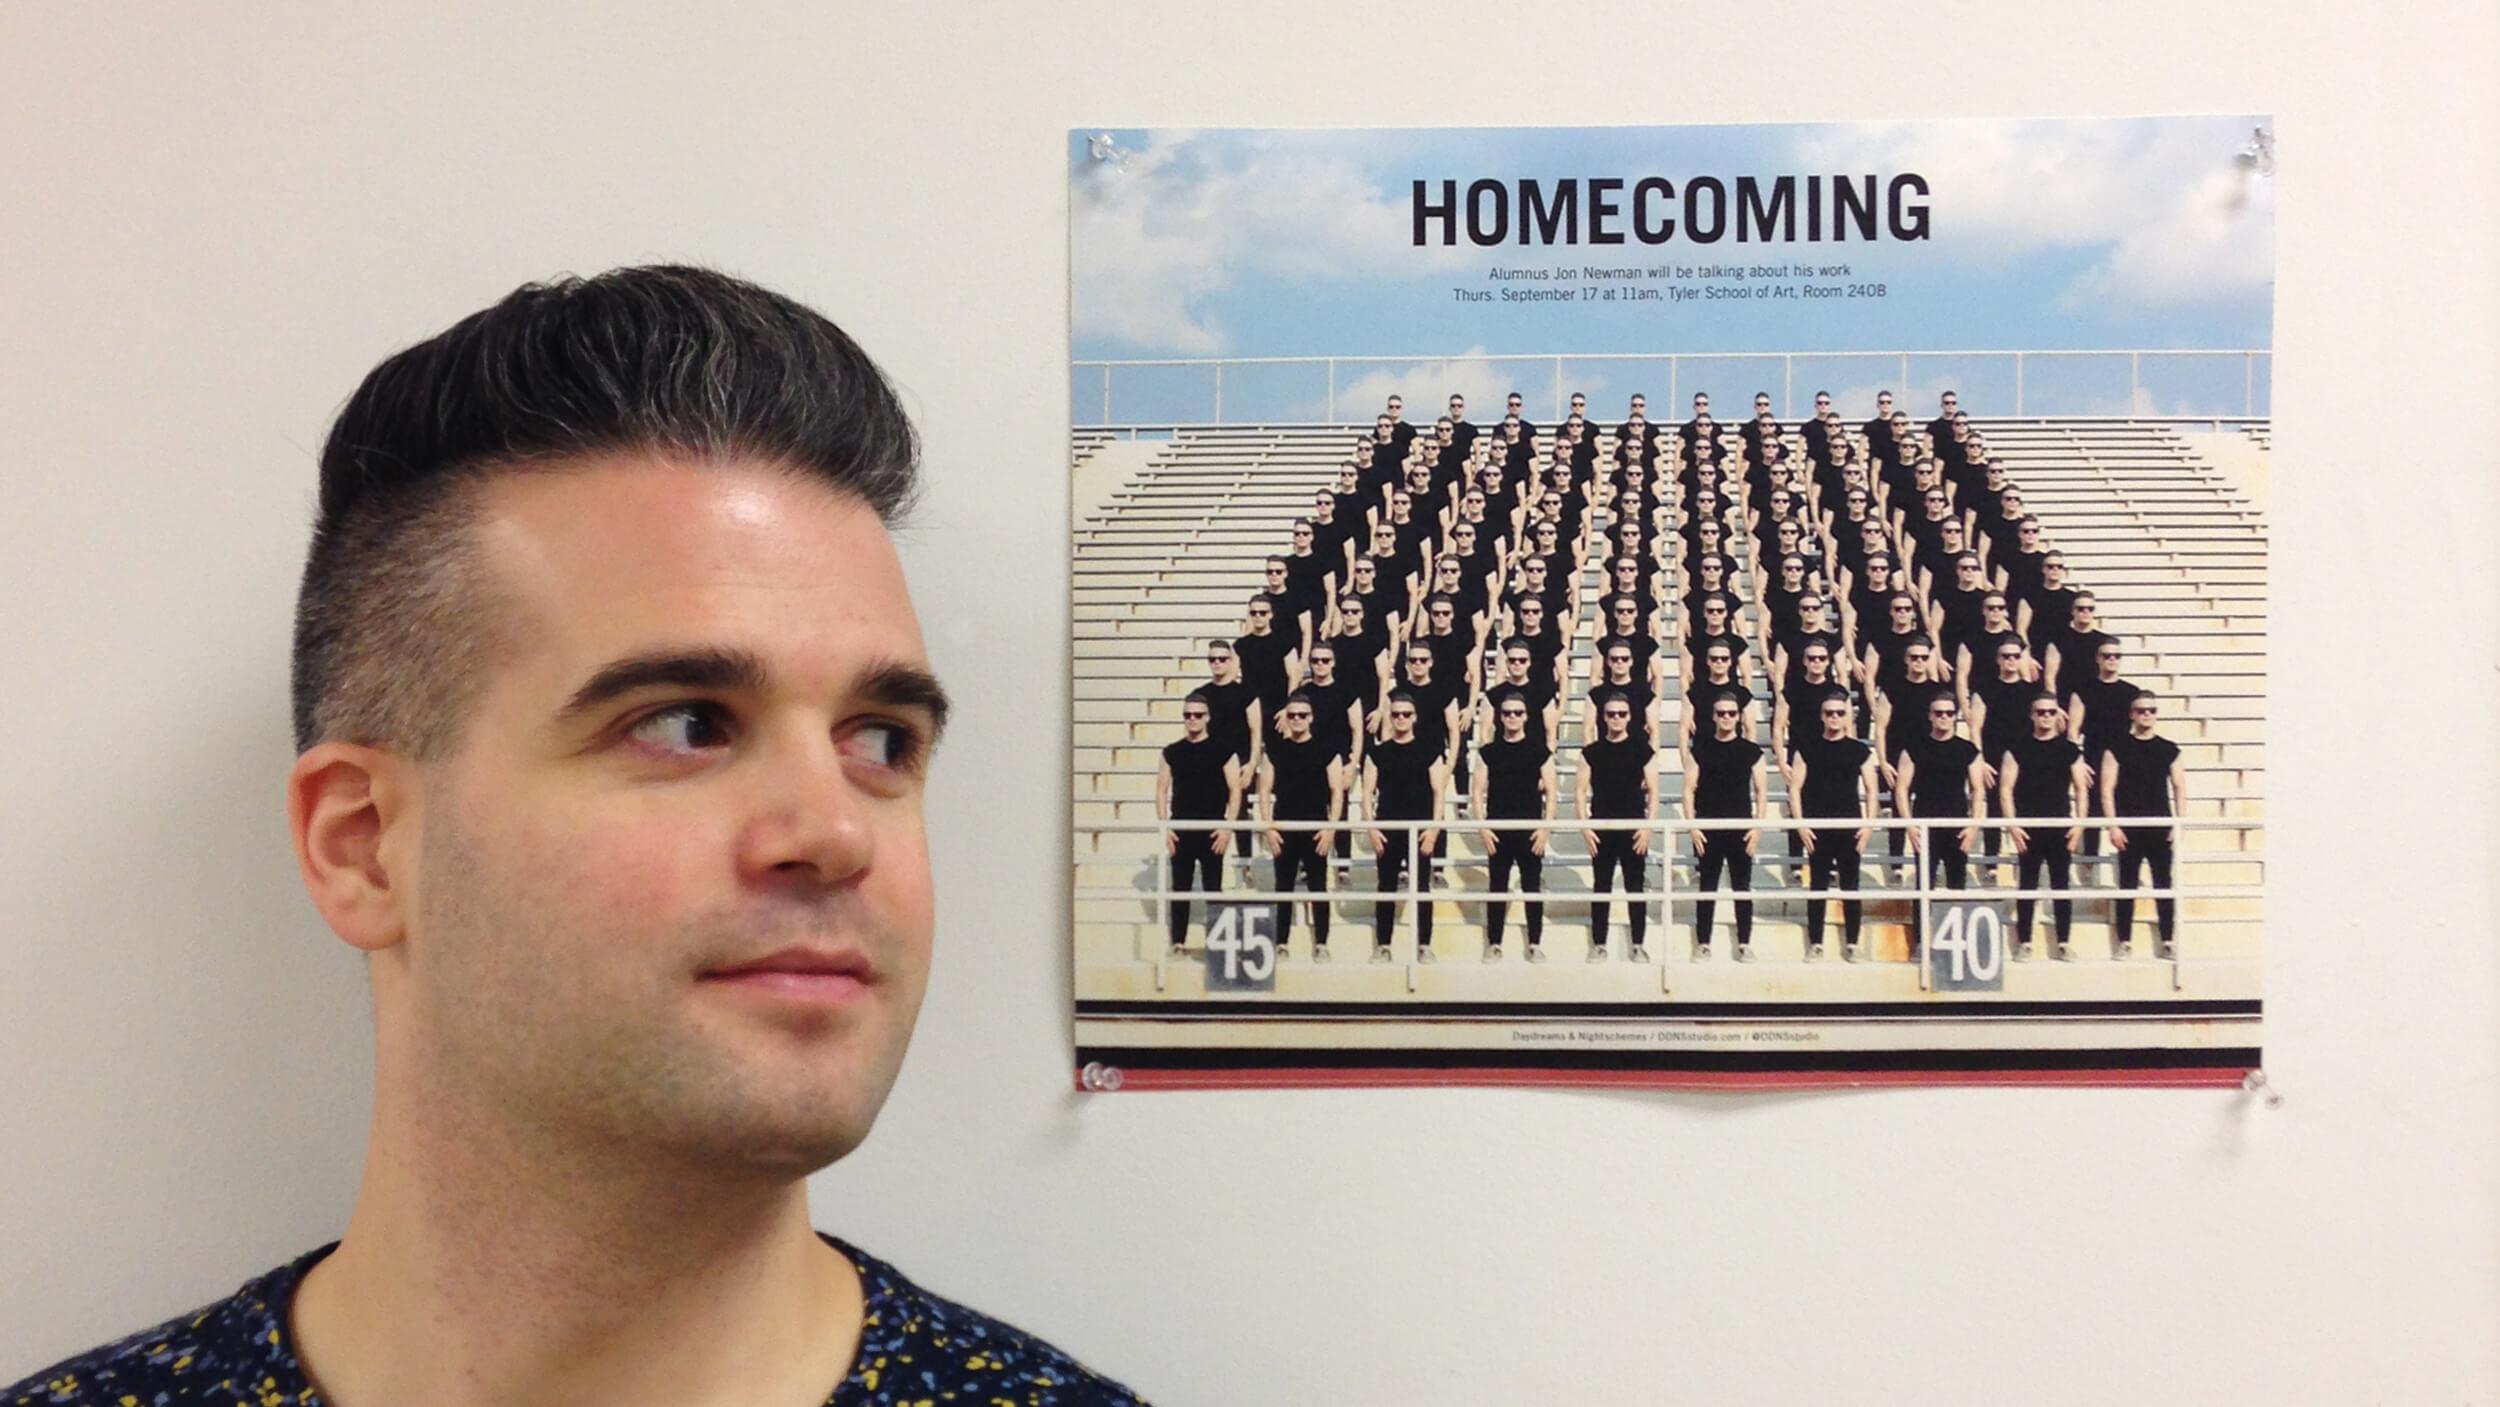 BTS_Homecoming_4